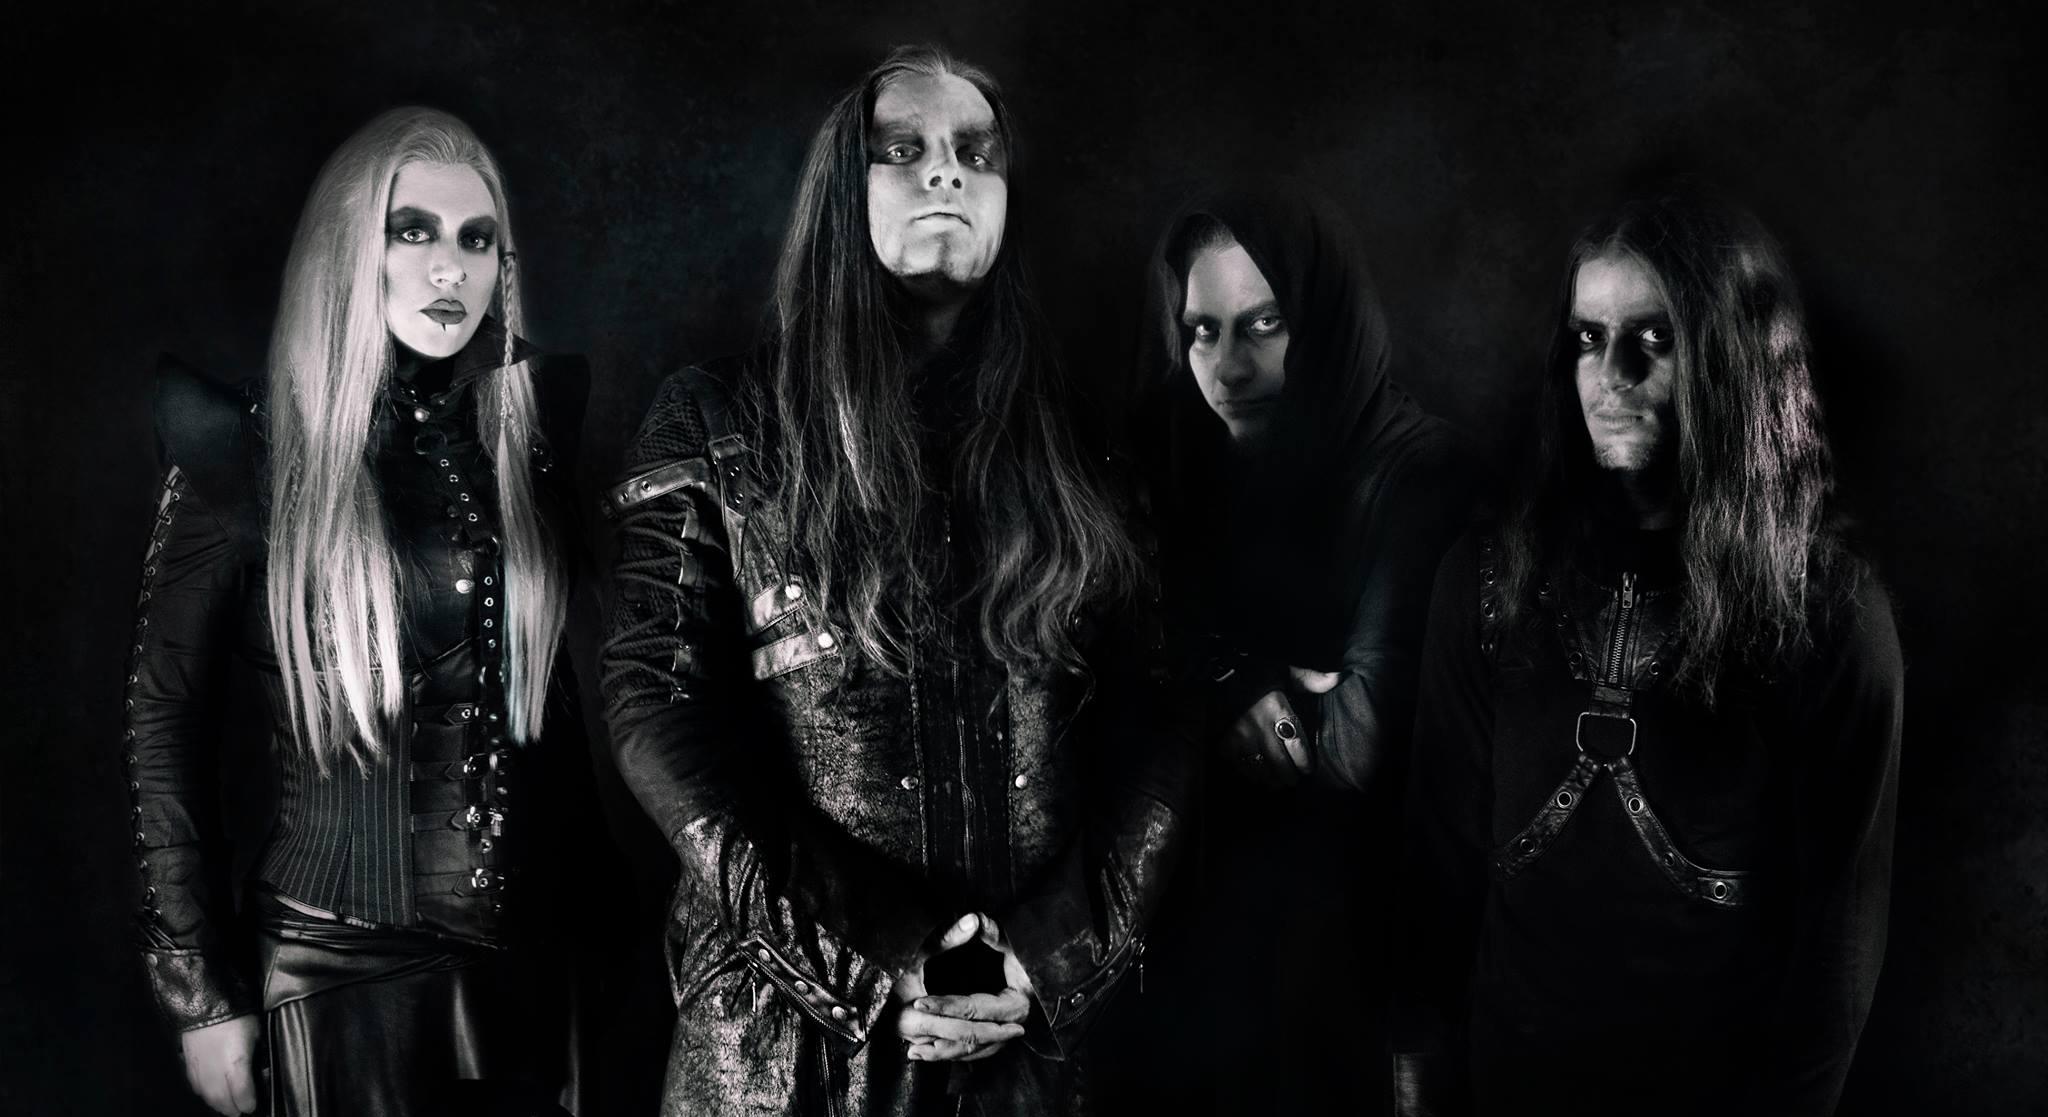 W.E.B. band members (Sakis Darkface, Sextus S Maximus, Help Pyre, Nikitas Mandolas)